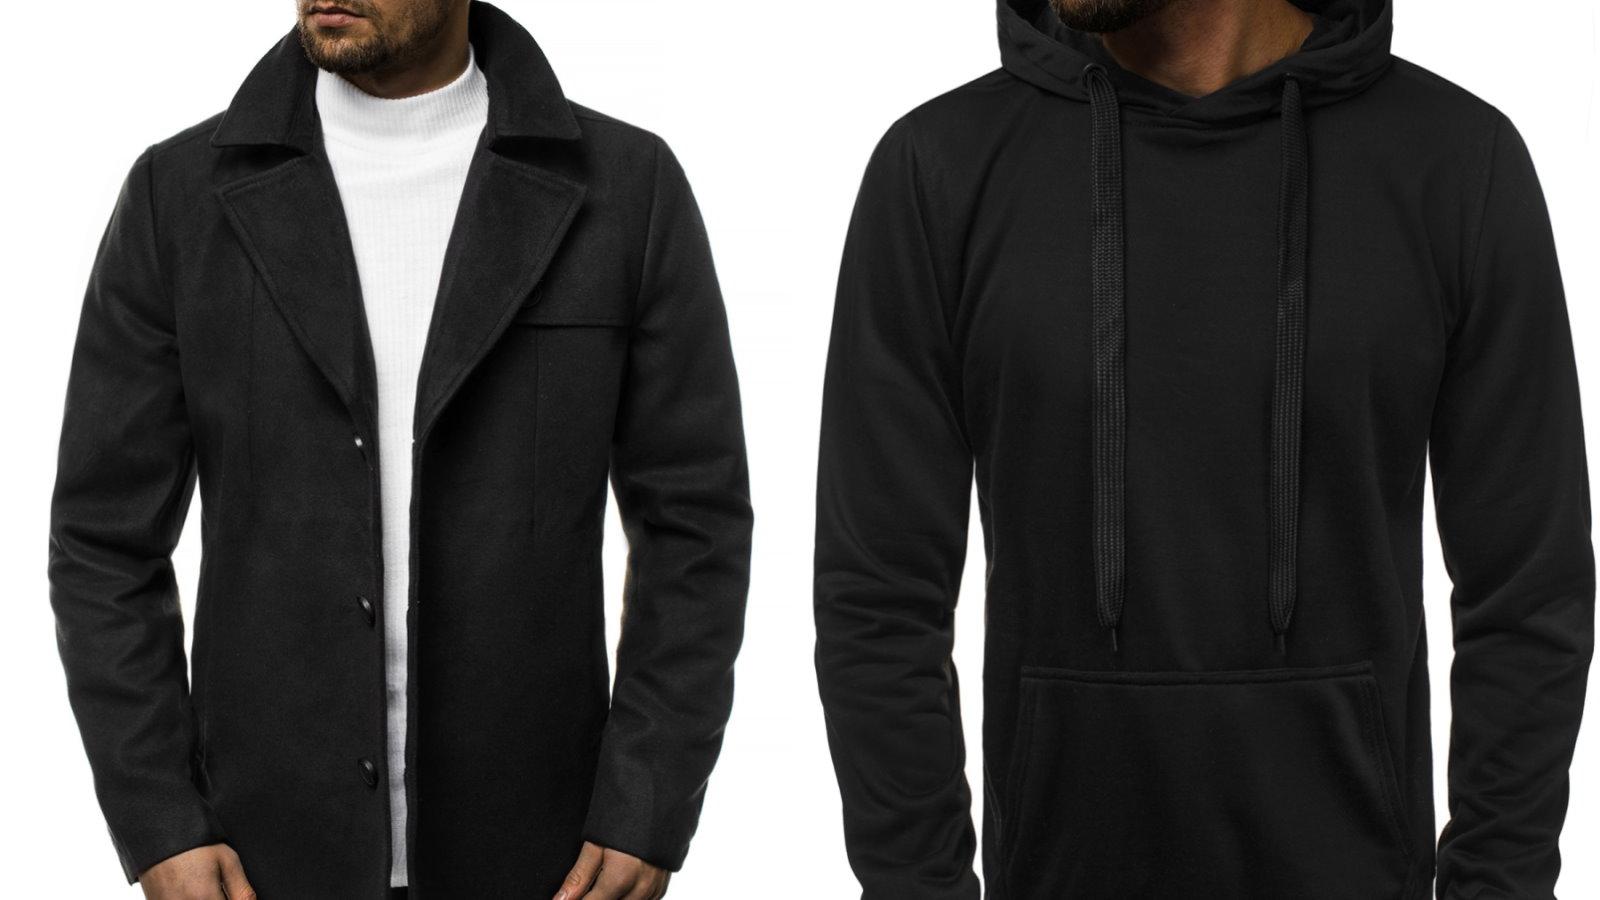 czarny płaszcz i czarna bluza